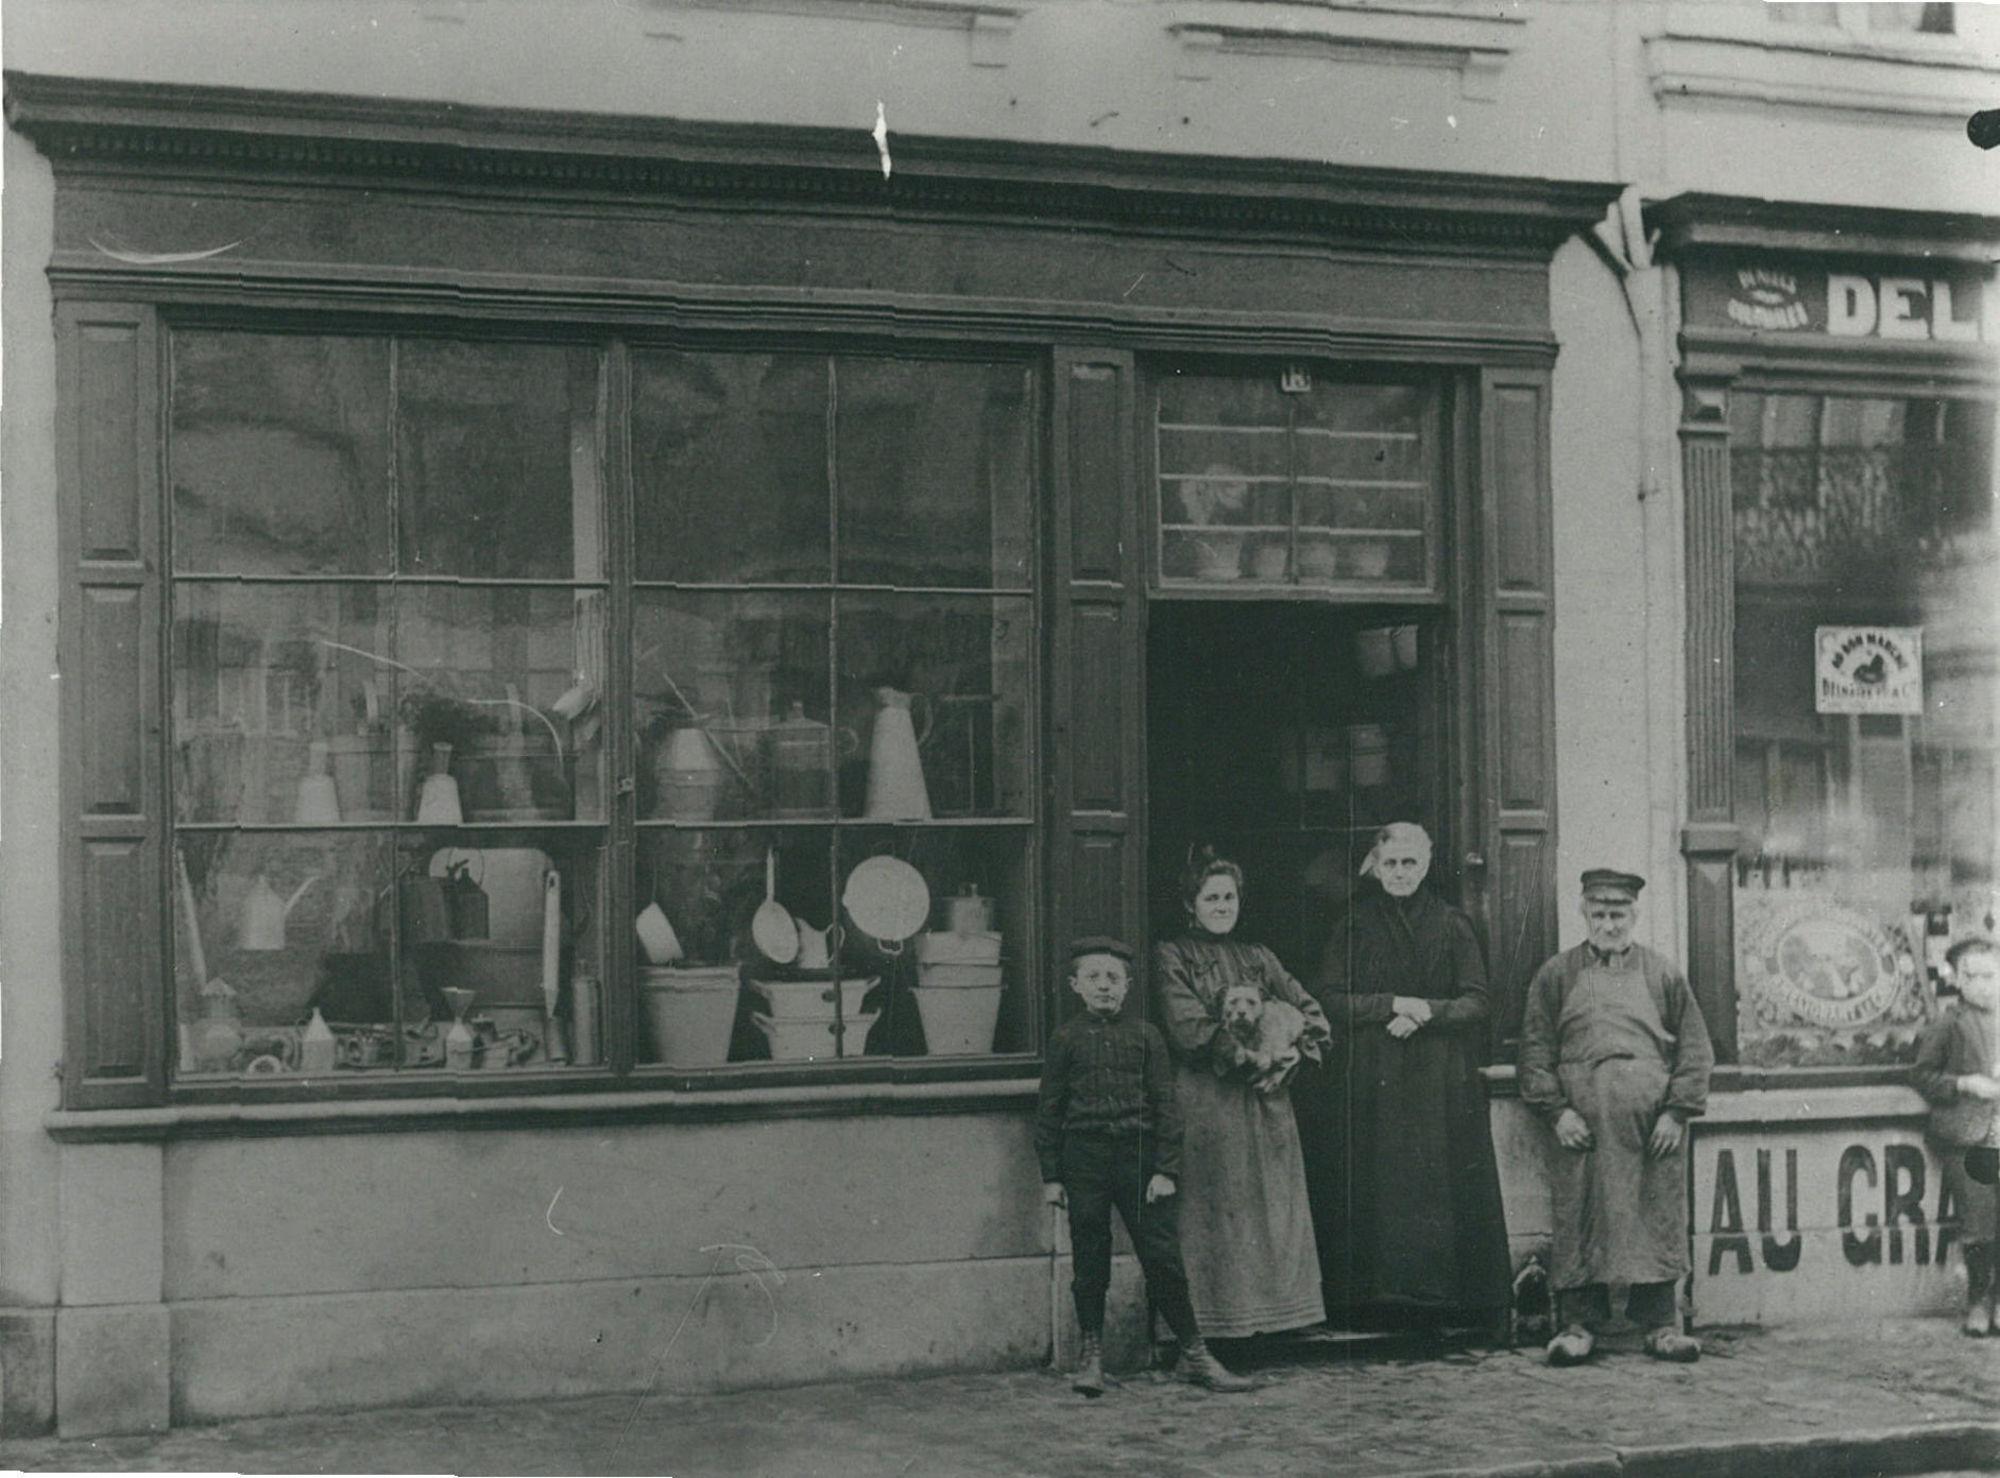 De Boerenwinkel in de Overleiestraat, 1904